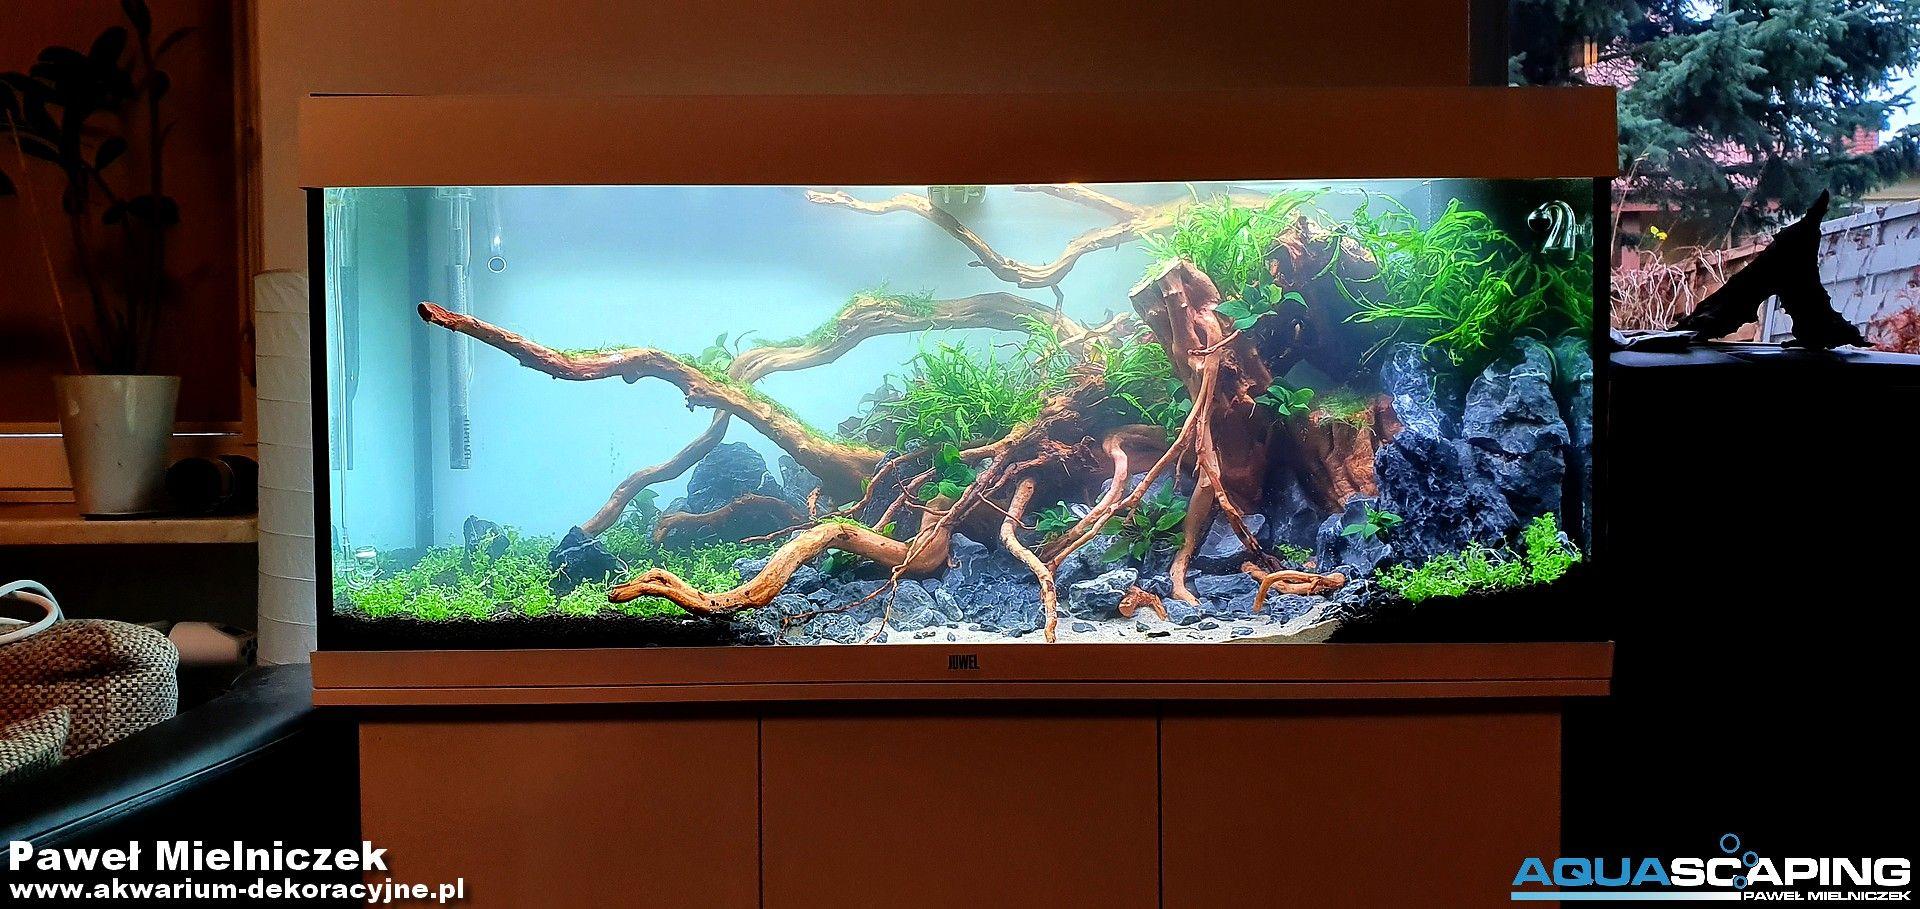 Akwarium Juwel Rio 240 In 2020 Nature Aquarium Aquascape Aquarium